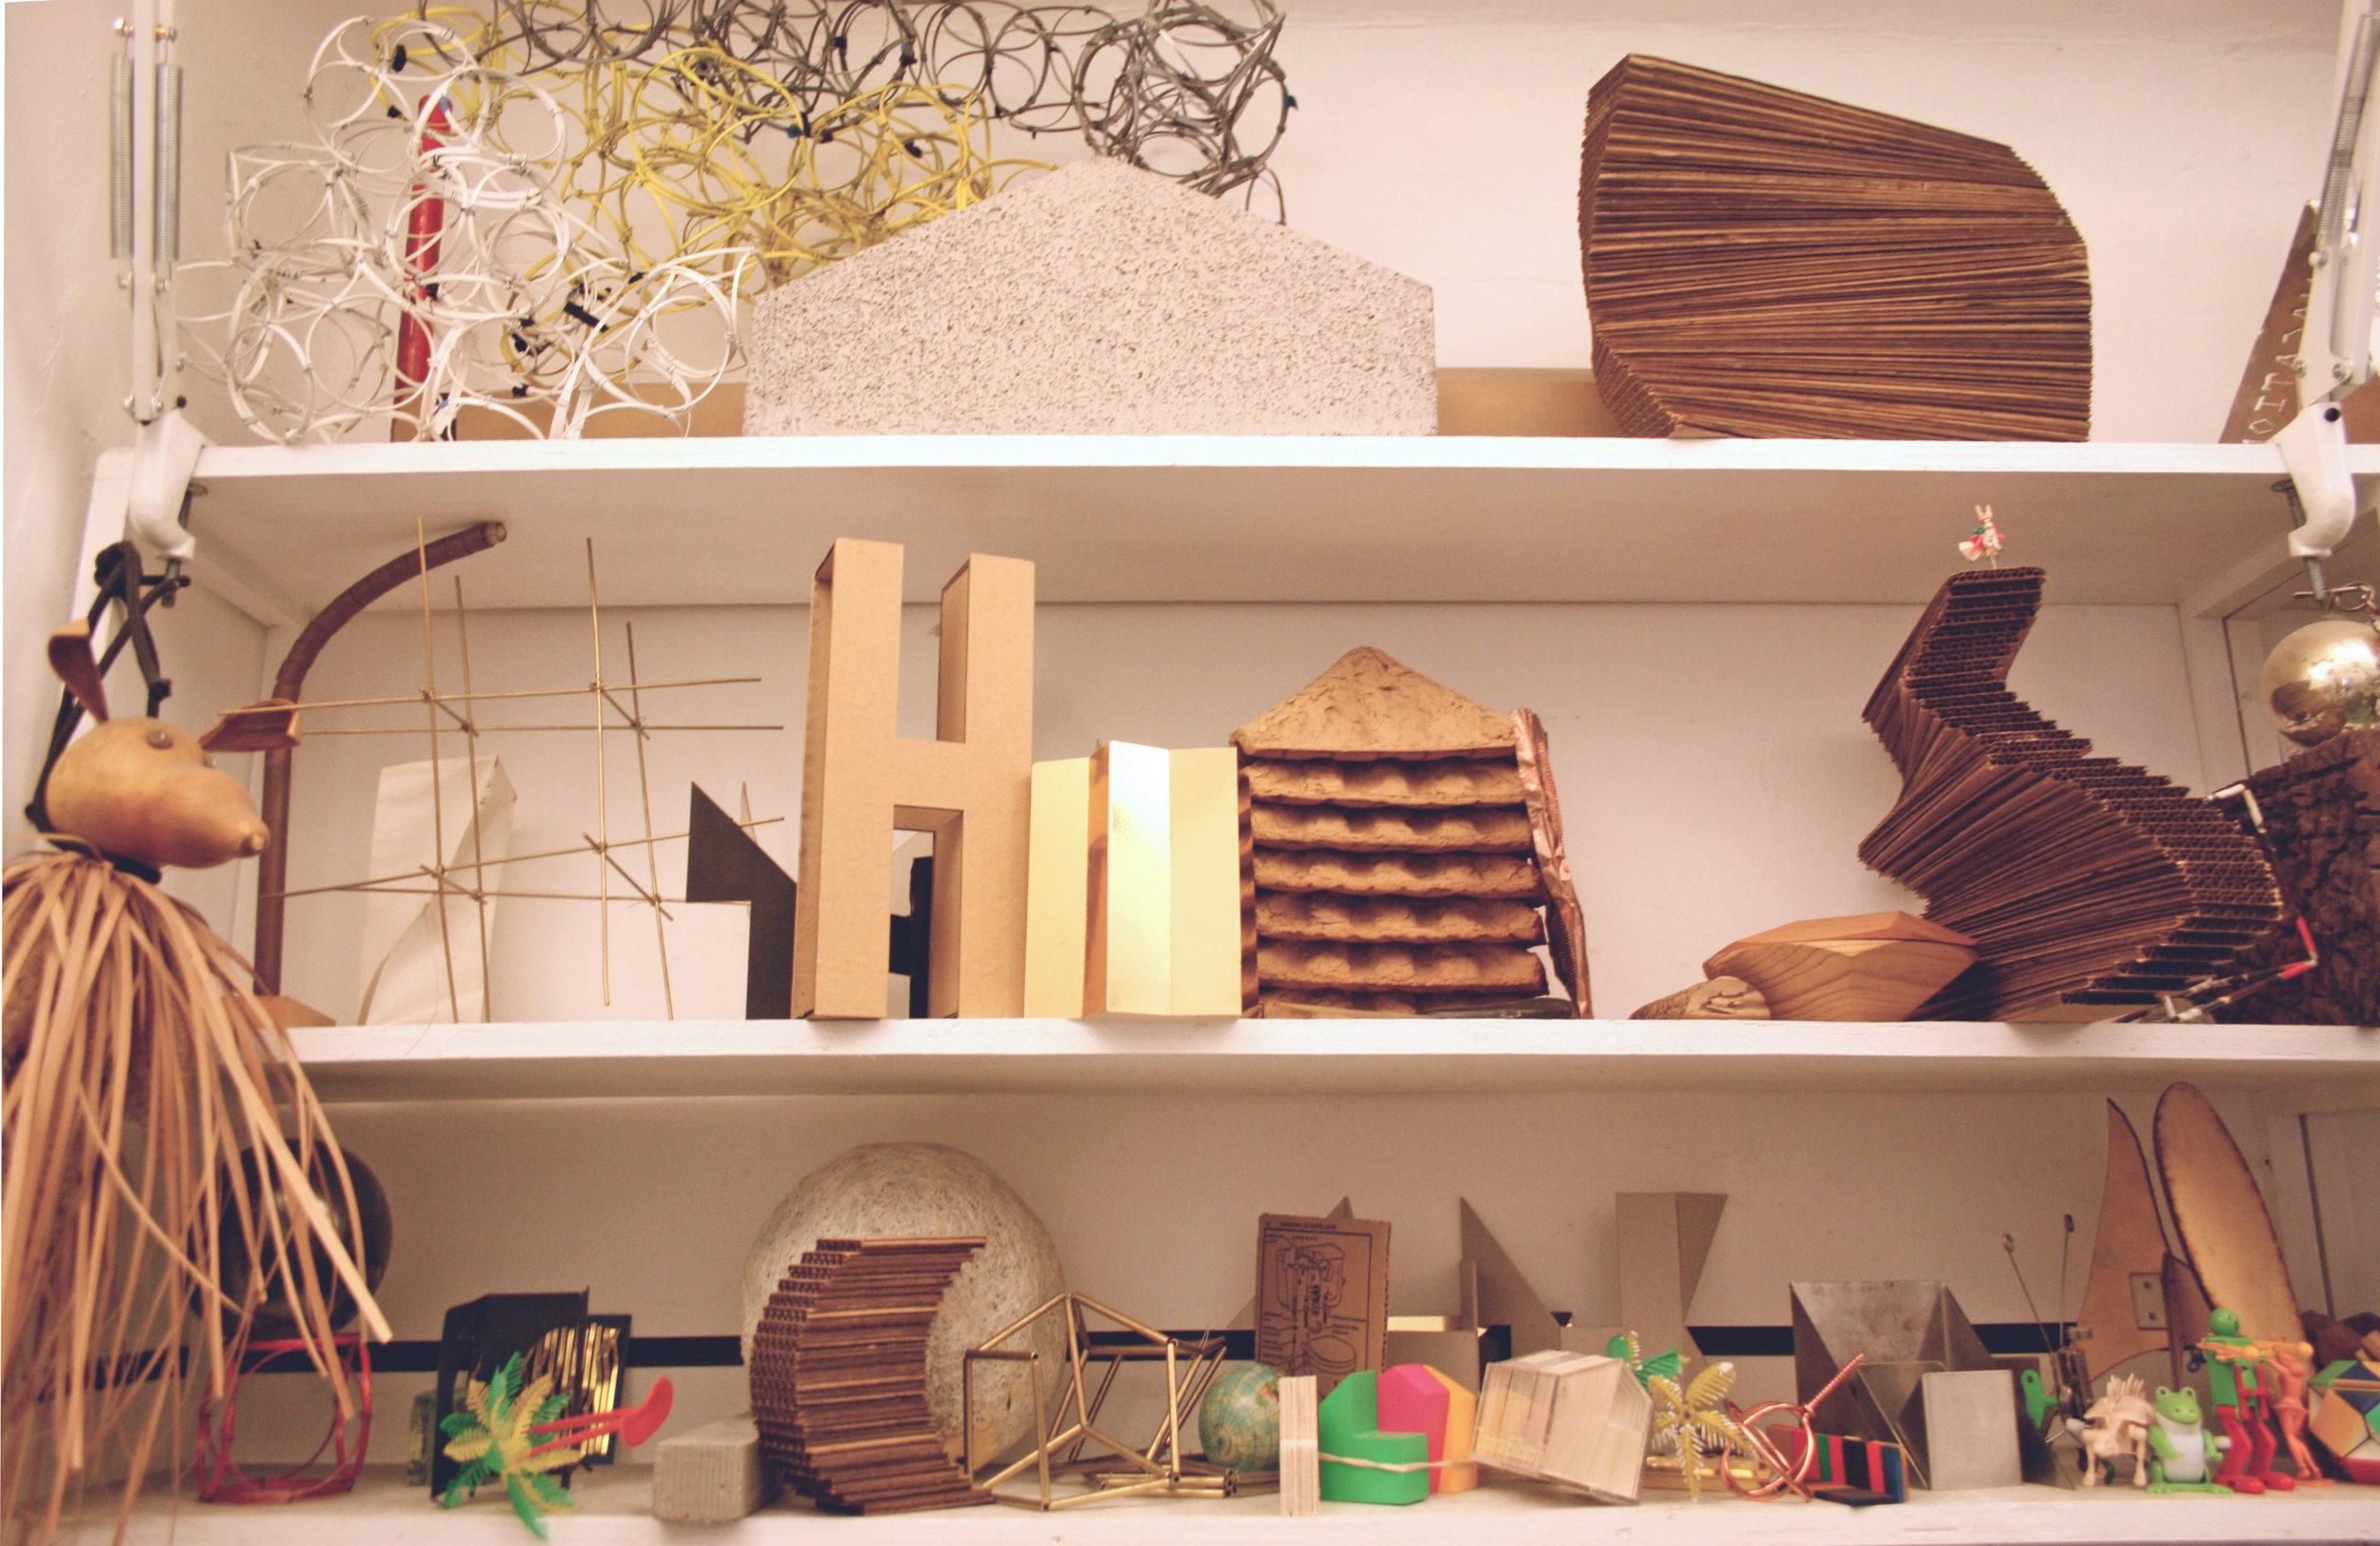 Models' shelf